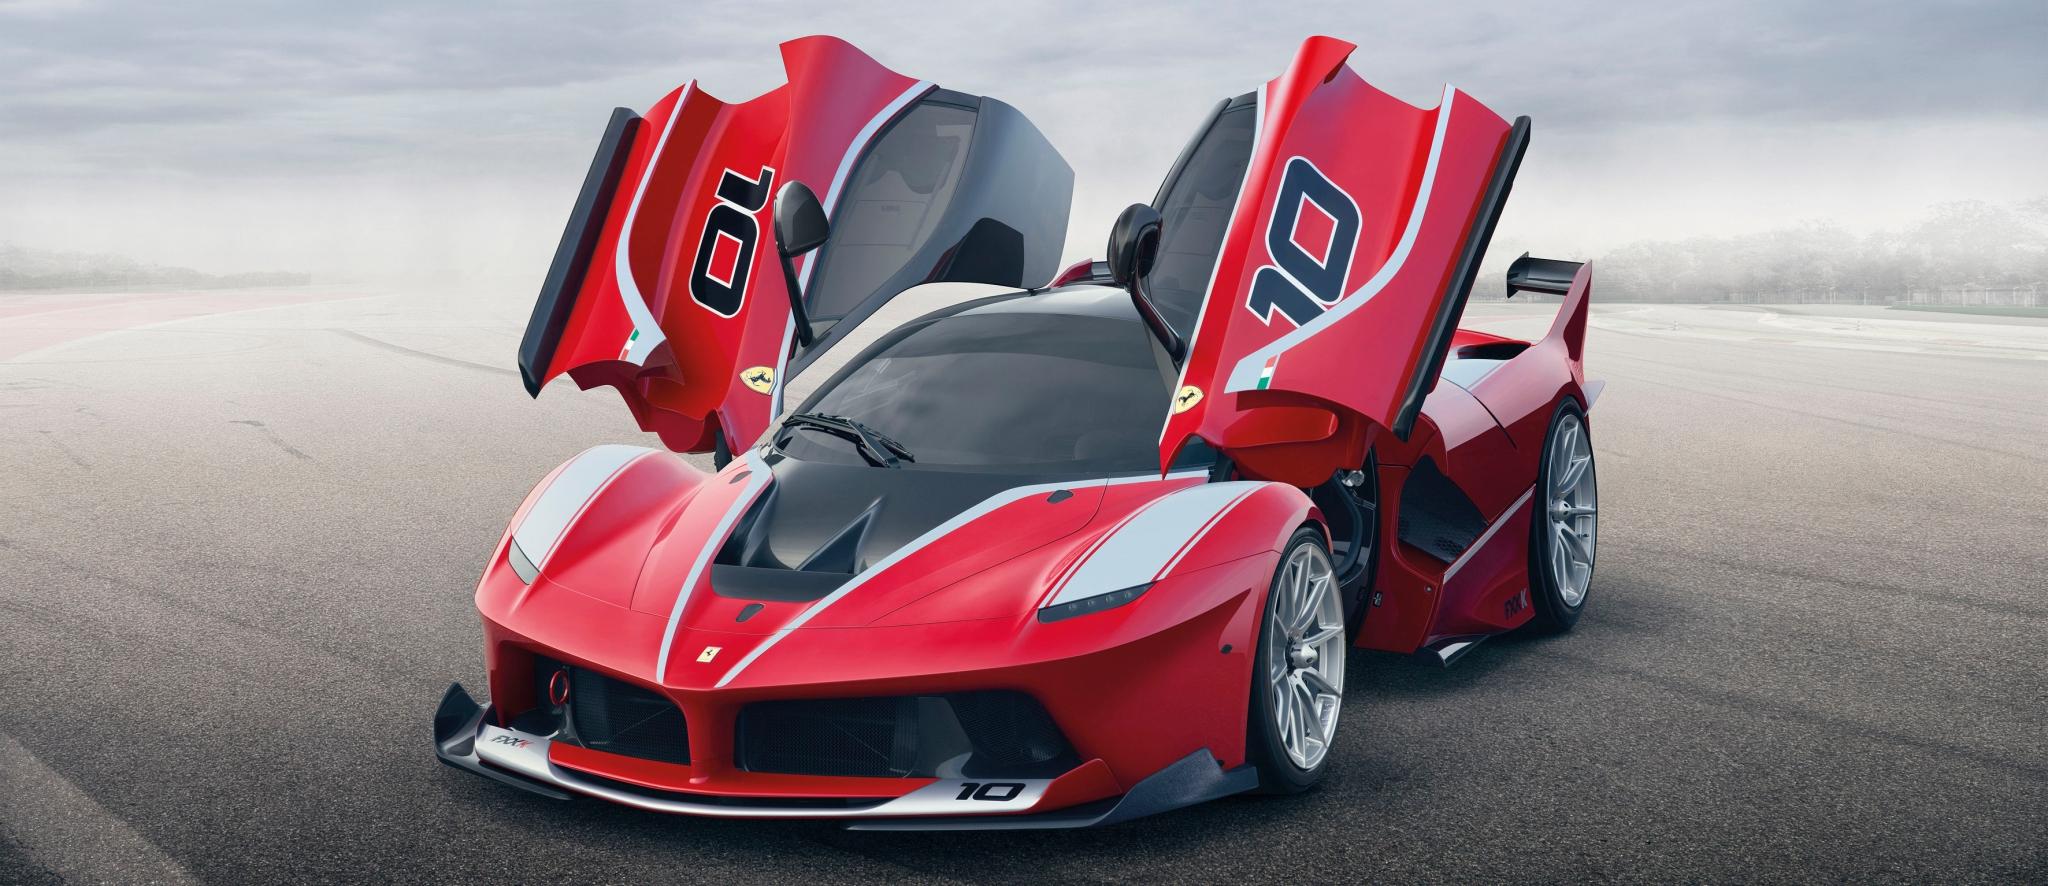 Ferrari Limited Editions Ferrari FXX K